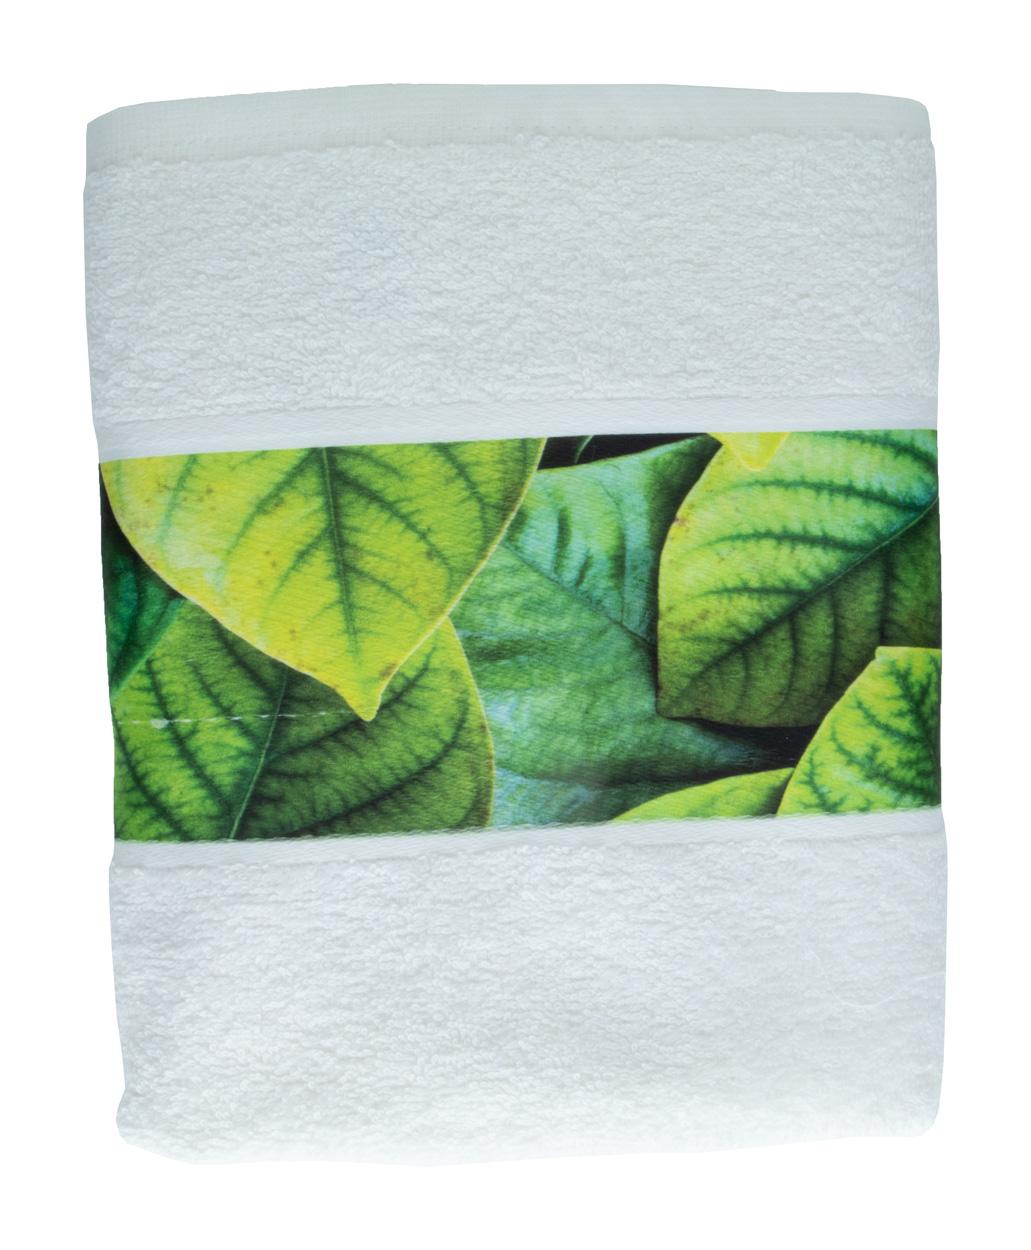 Subowel M asciugamano a sublimazione